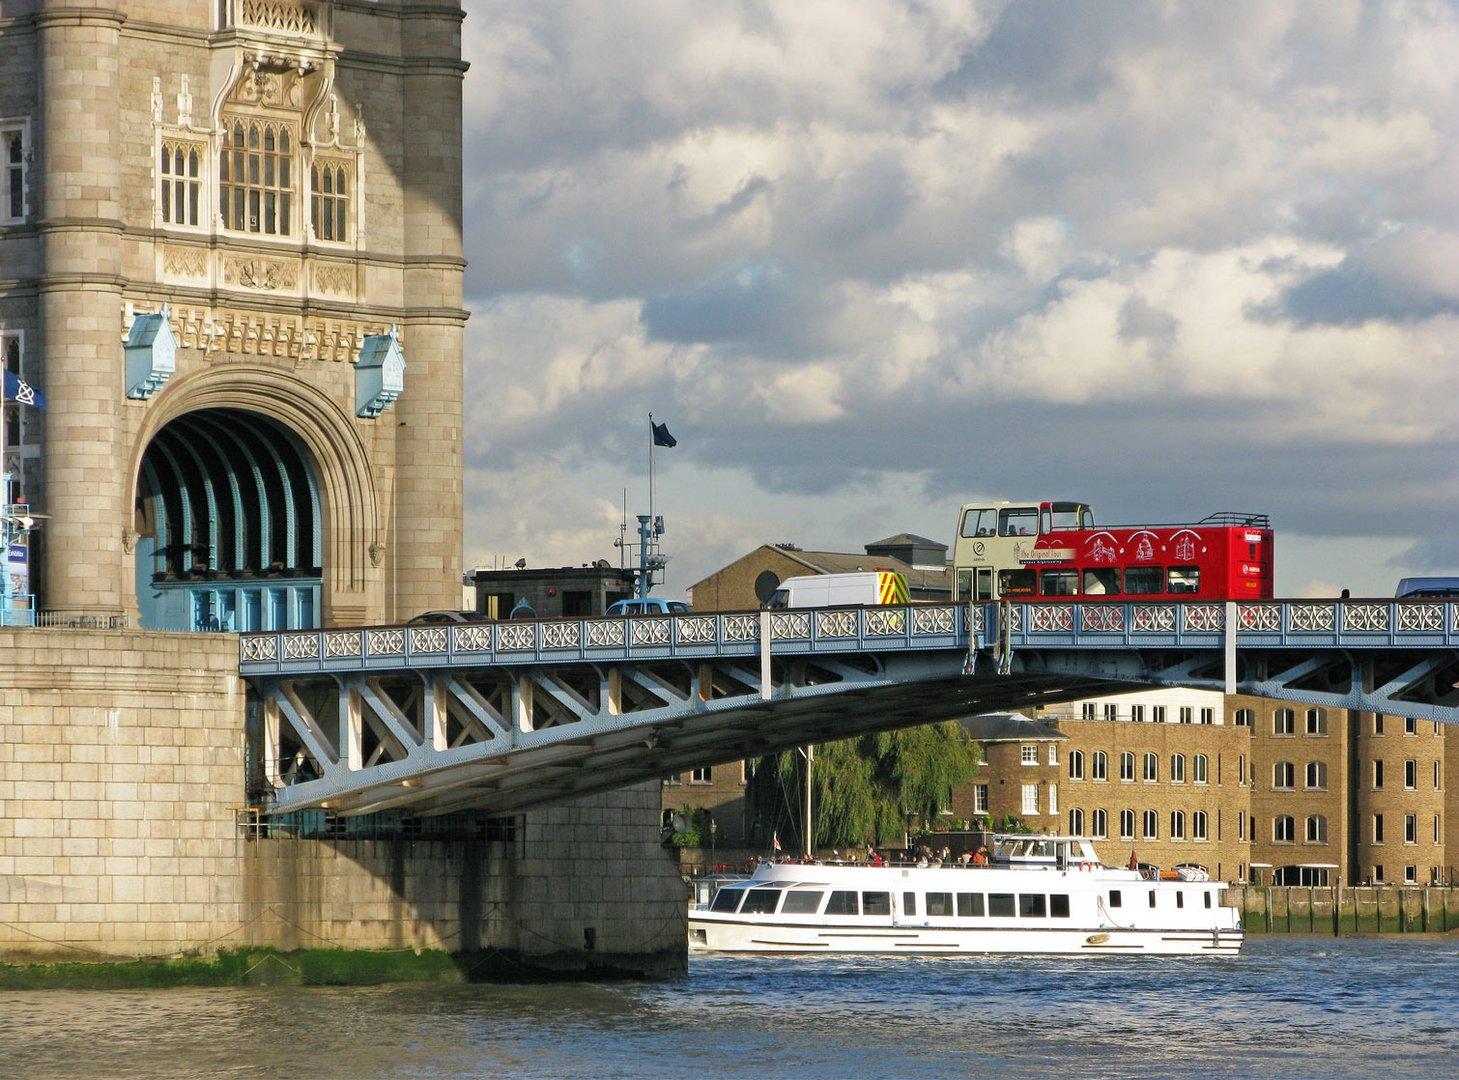 Eine Brücke, Wolken und ein roter Bus... It`s London!